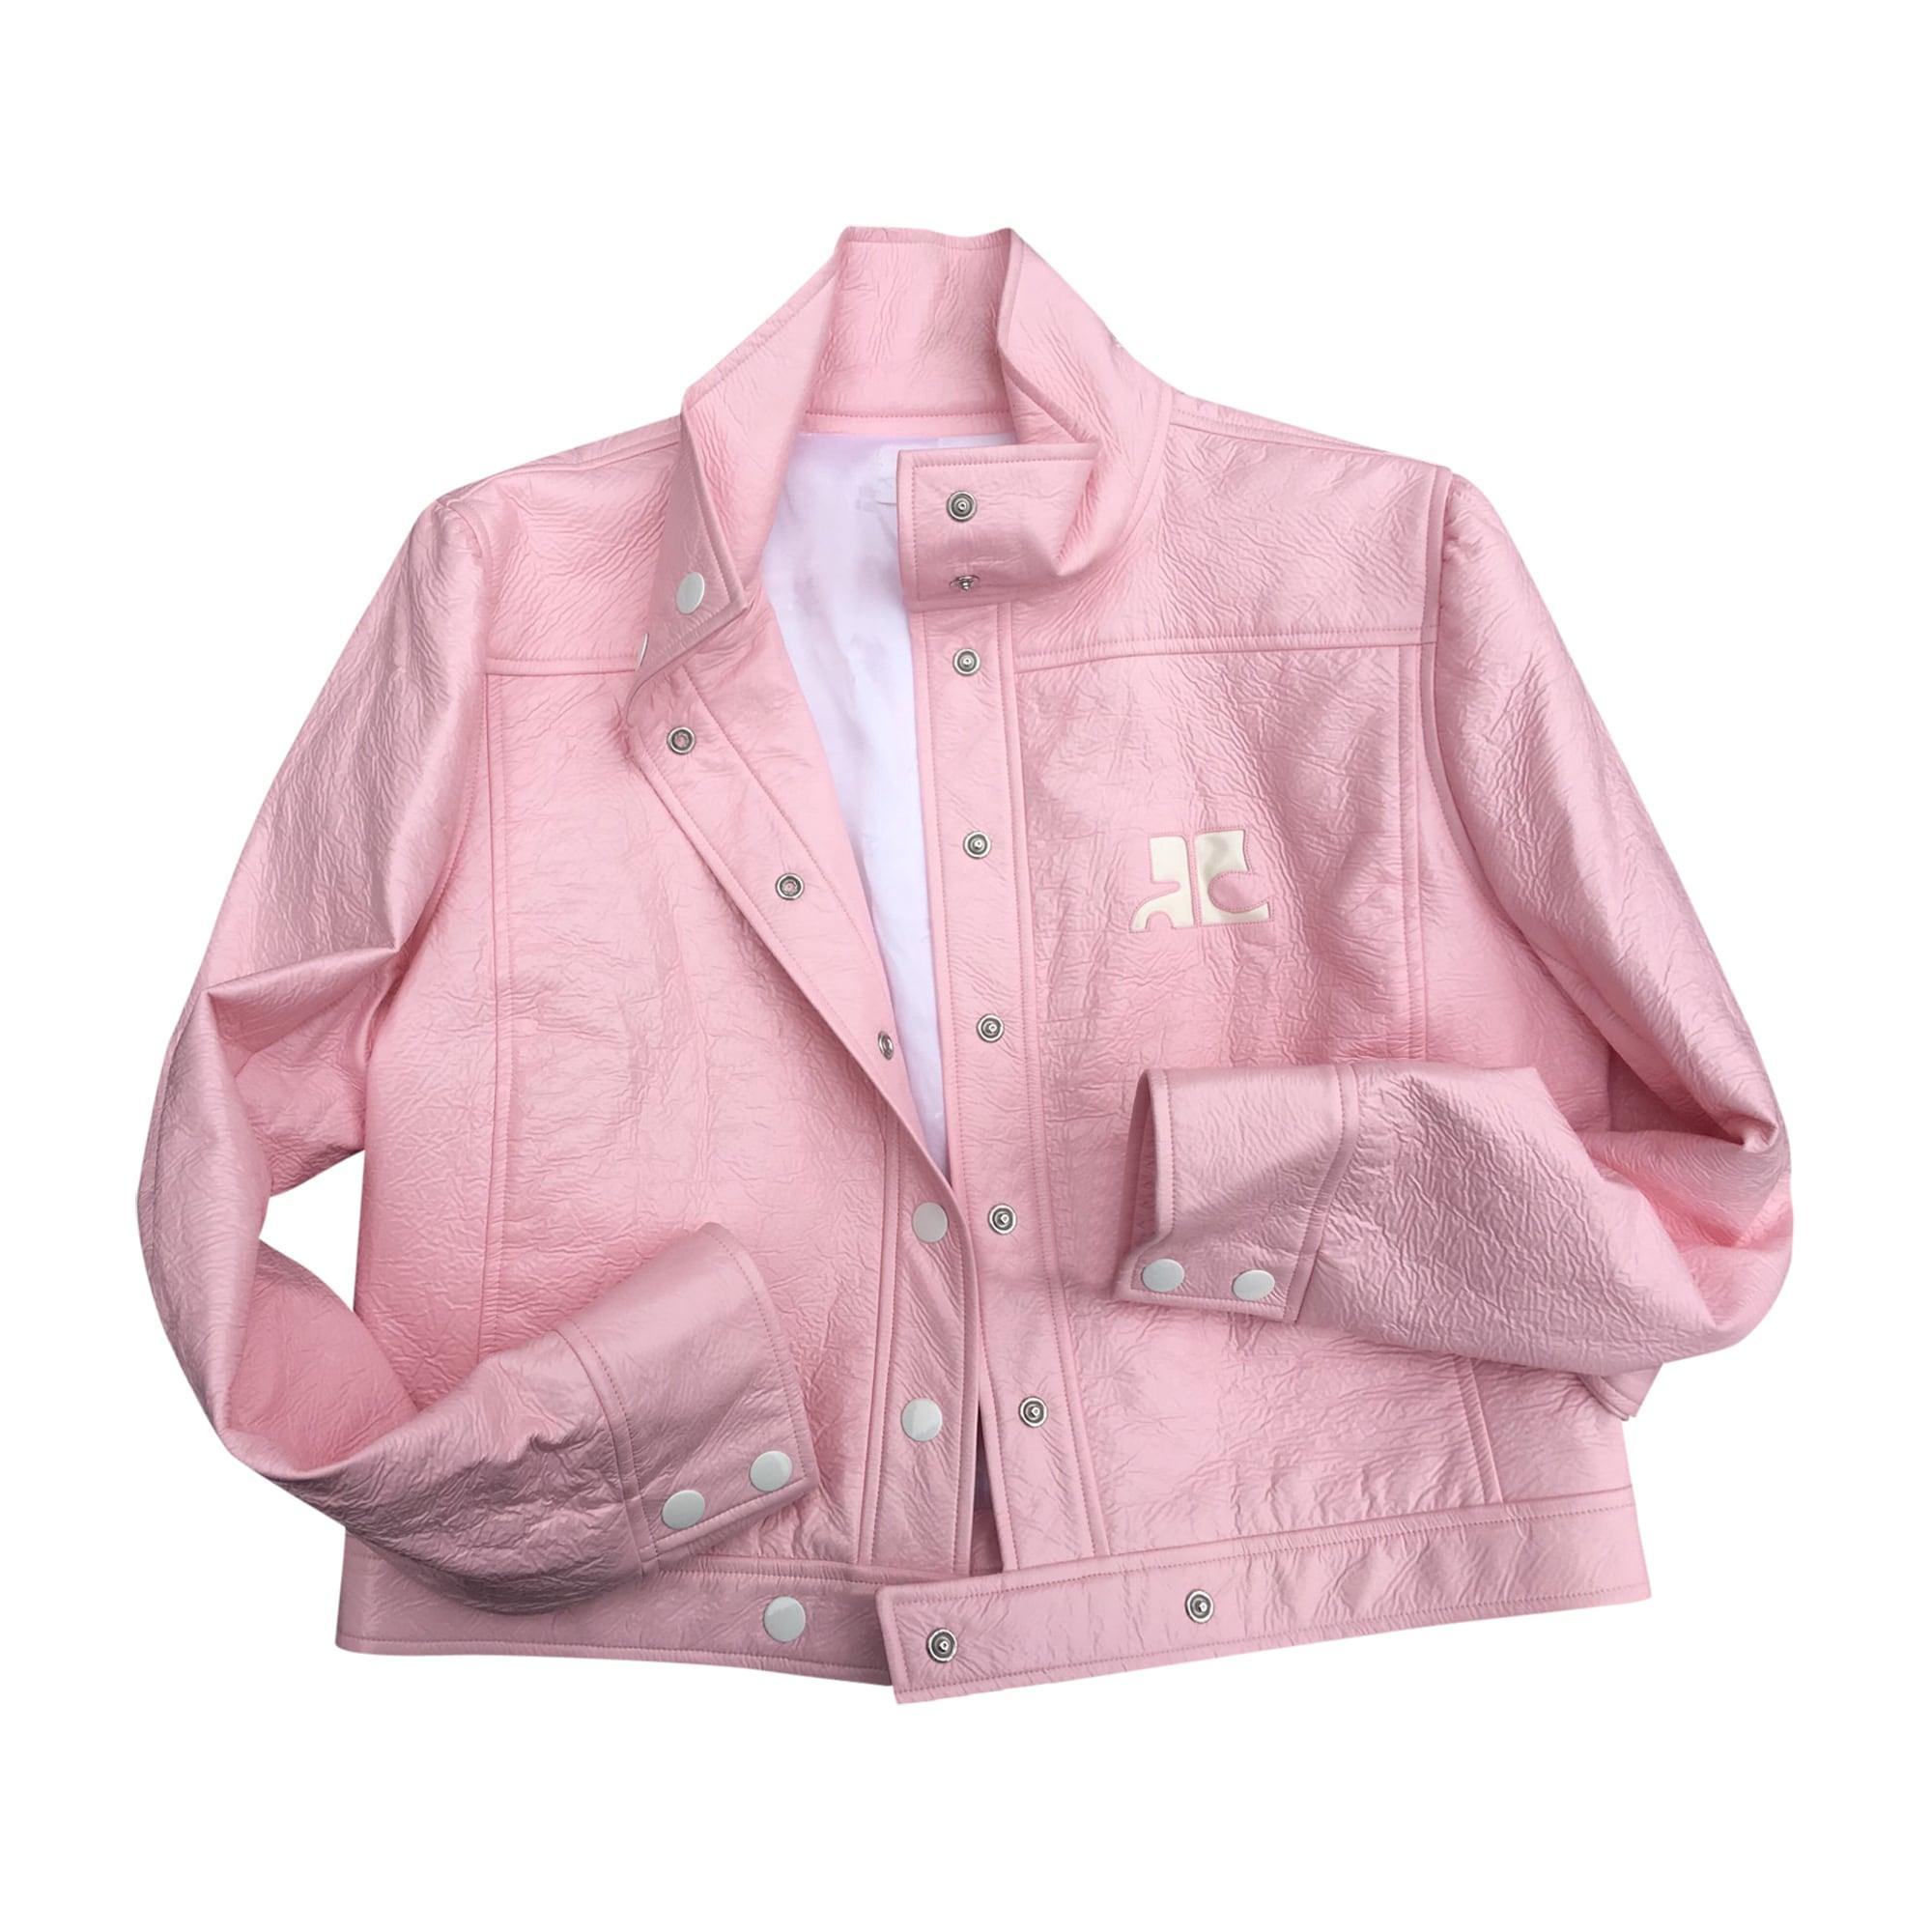 Vêtements Courrèges Femme occasion : le luxe au meilleur